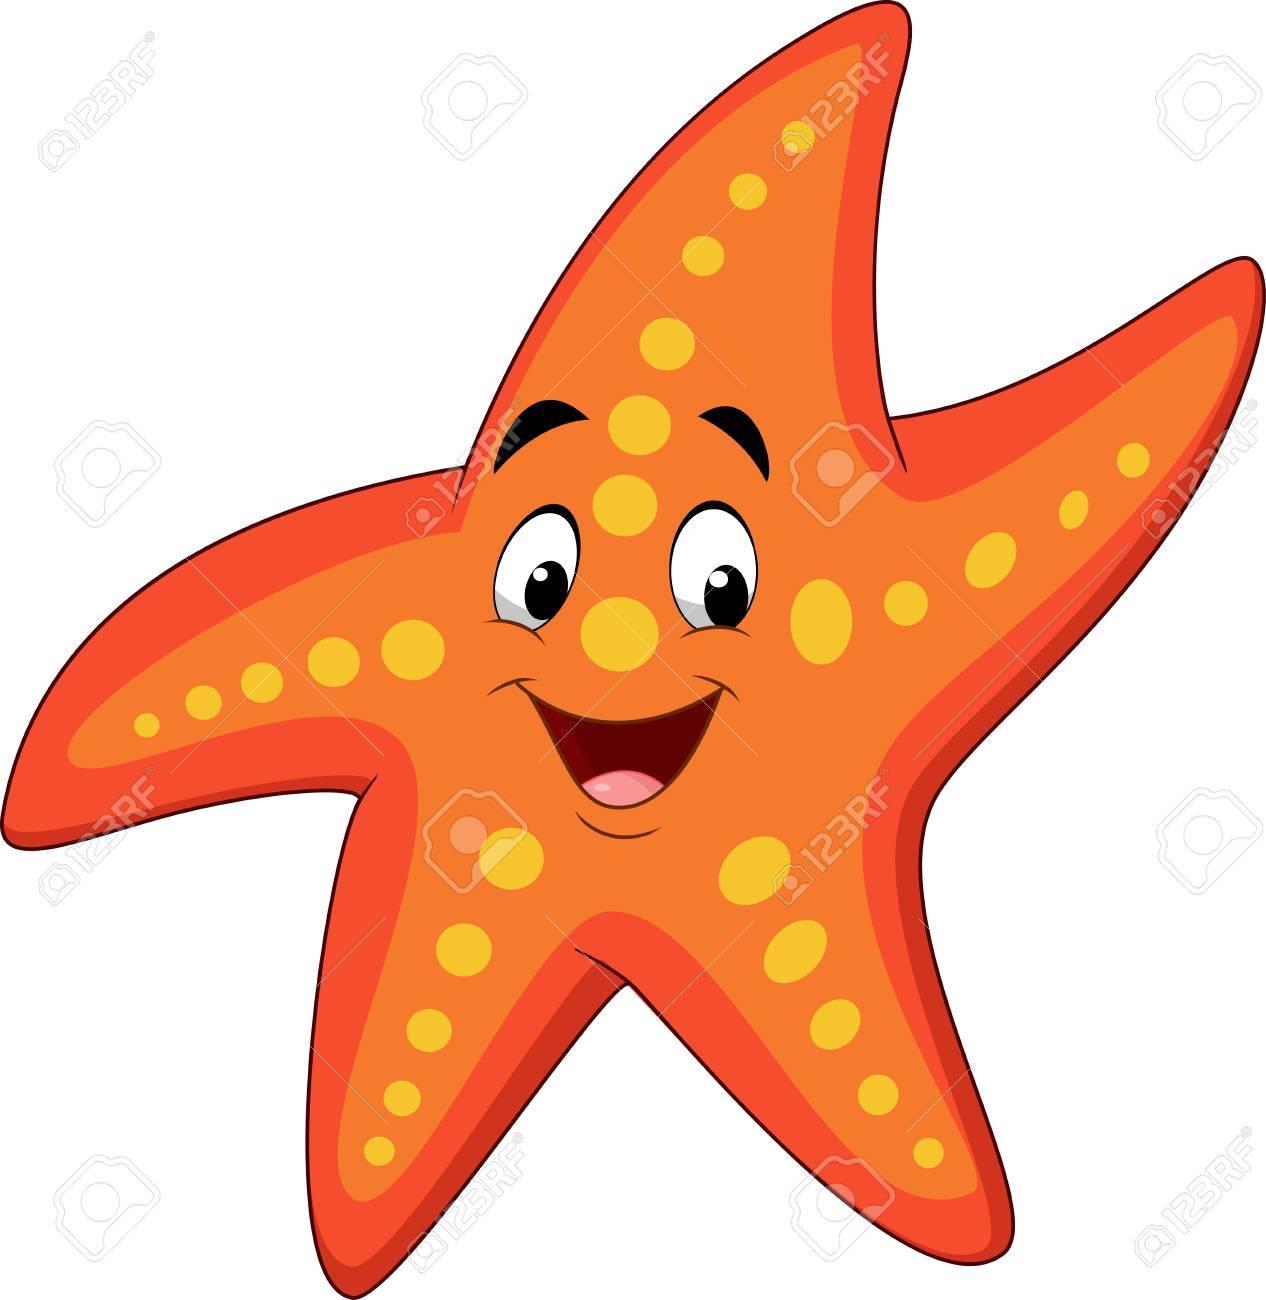 Ilustracion Vectorial De Estrellas De Mar Feliz De Dibujos Animados